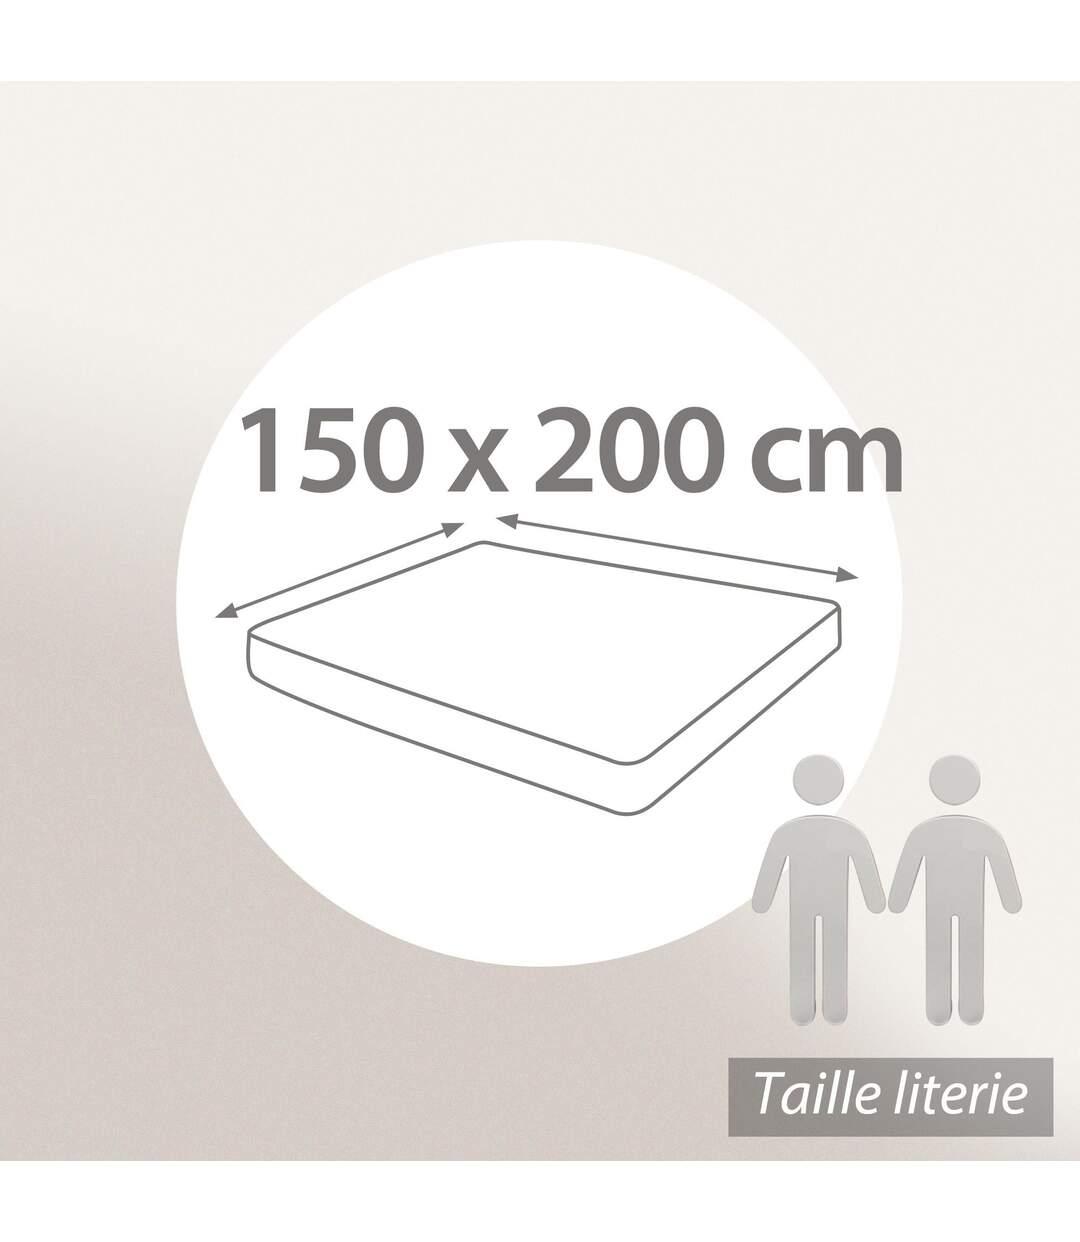 Protège matelas 150x200 cm ACHUA Molleton 100% coton 400 g/m2 bonnet 50cm